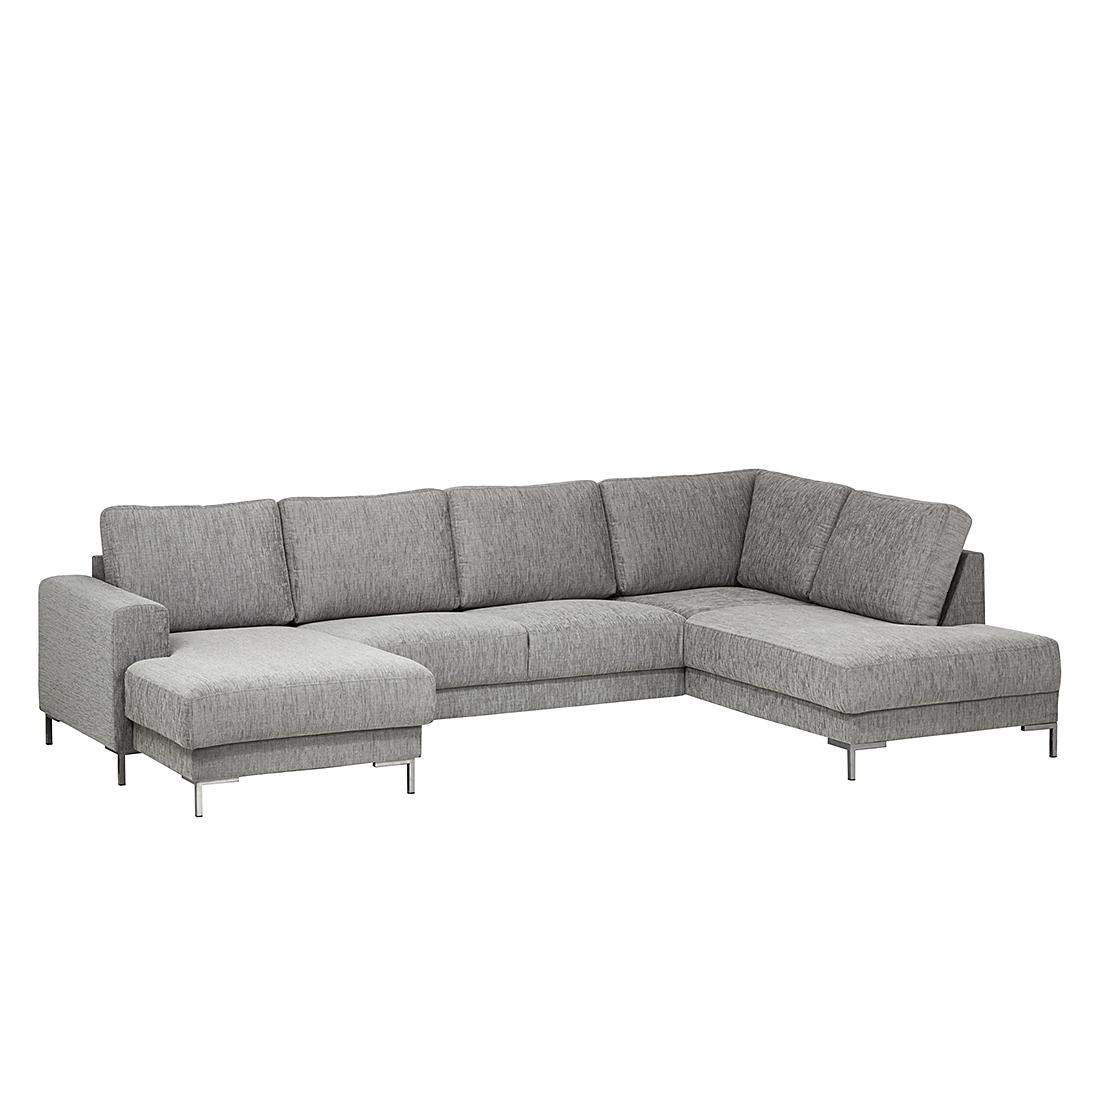 Wohnlandschaft ecksofa stoff grau sofa couch eckcouch for Sofa hellgrau